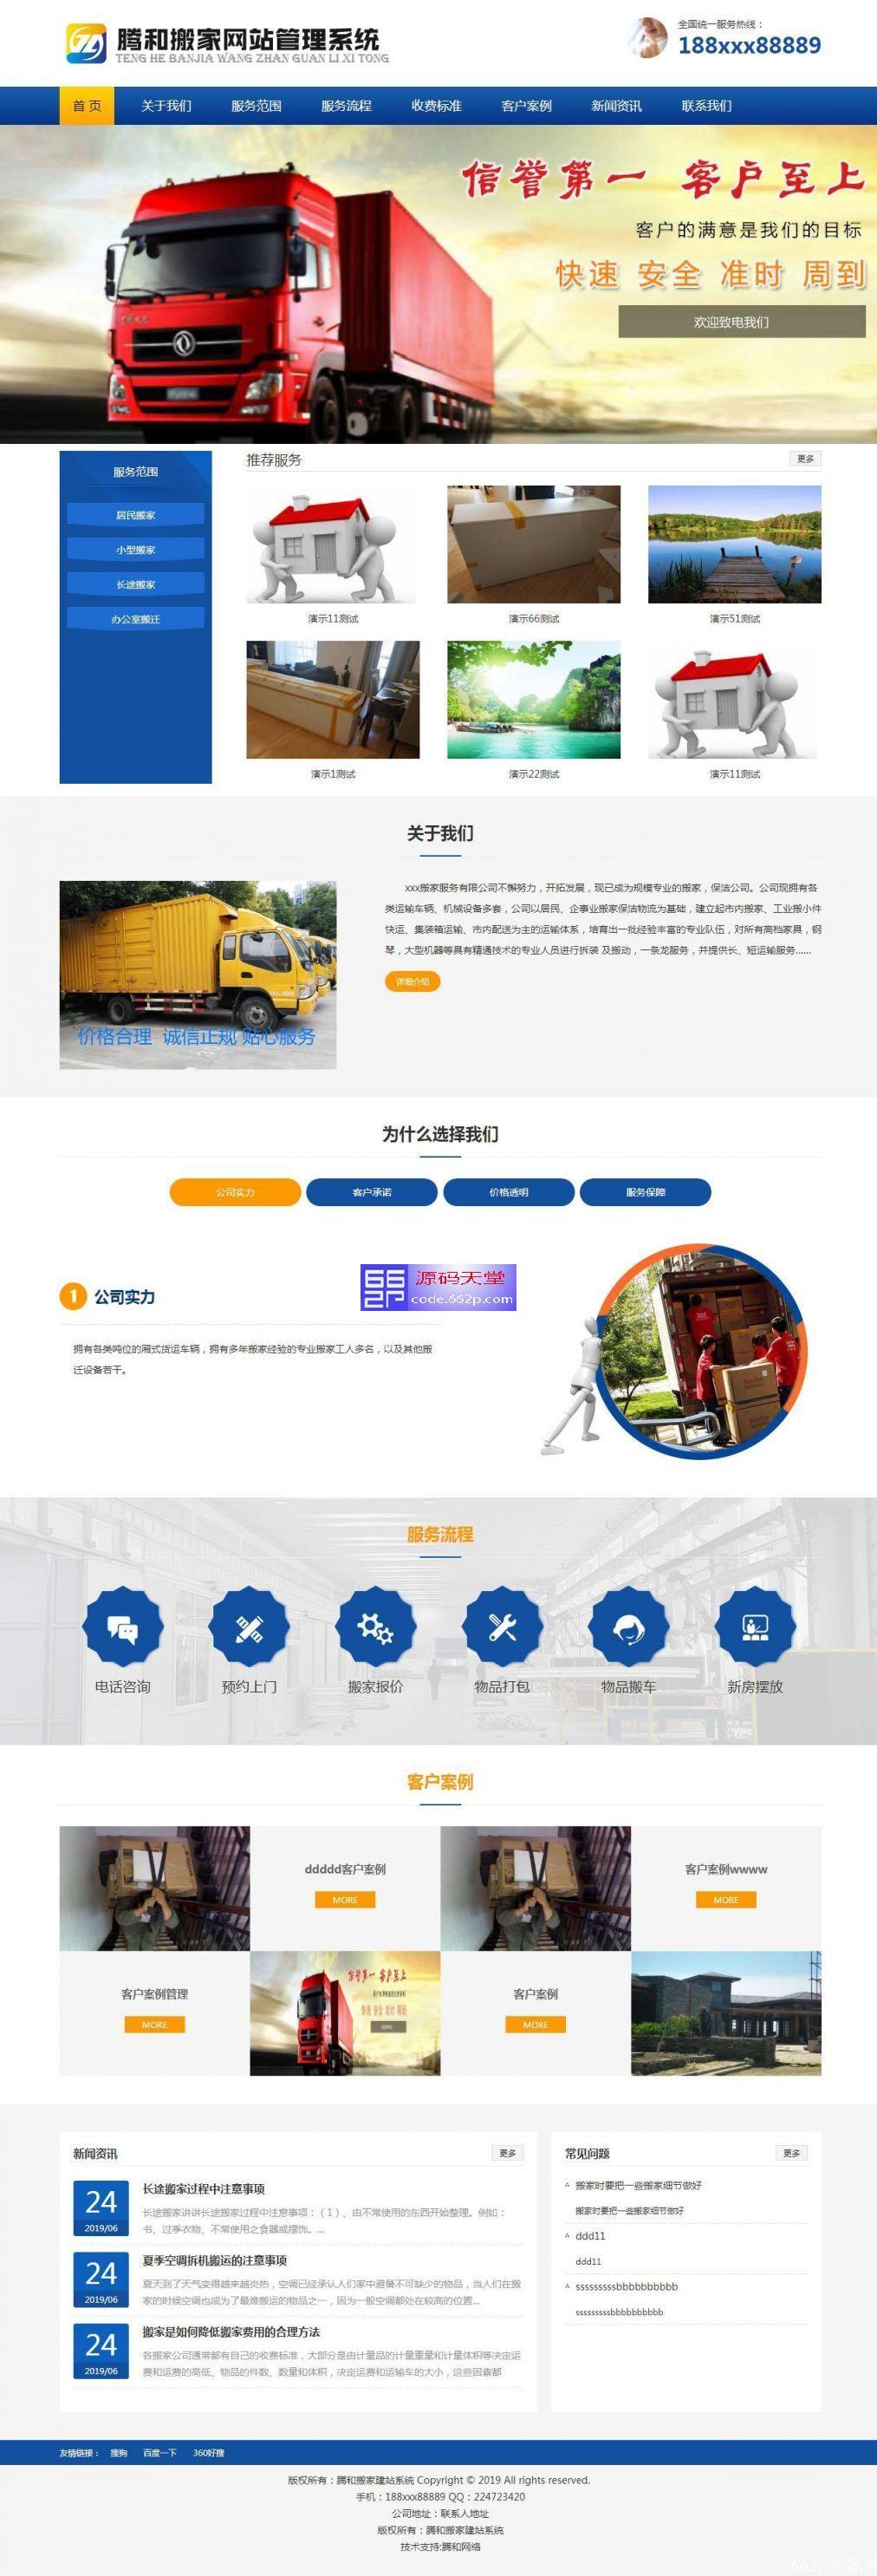 腾和搬家网站管理系统